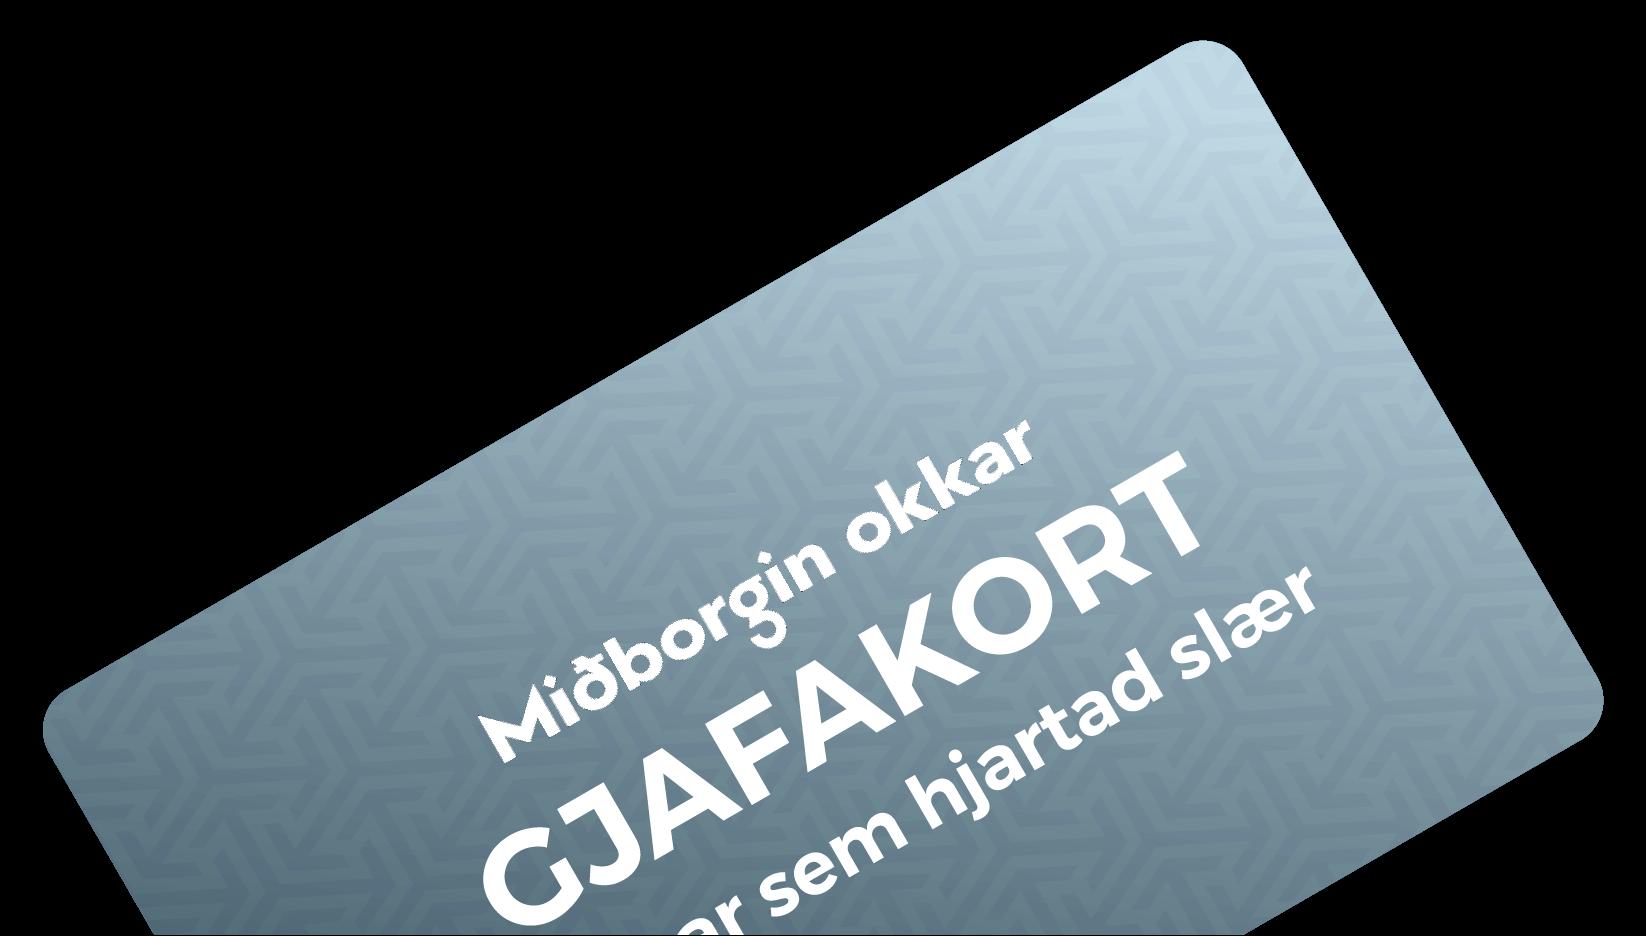 Miðborgin - Gjafakort